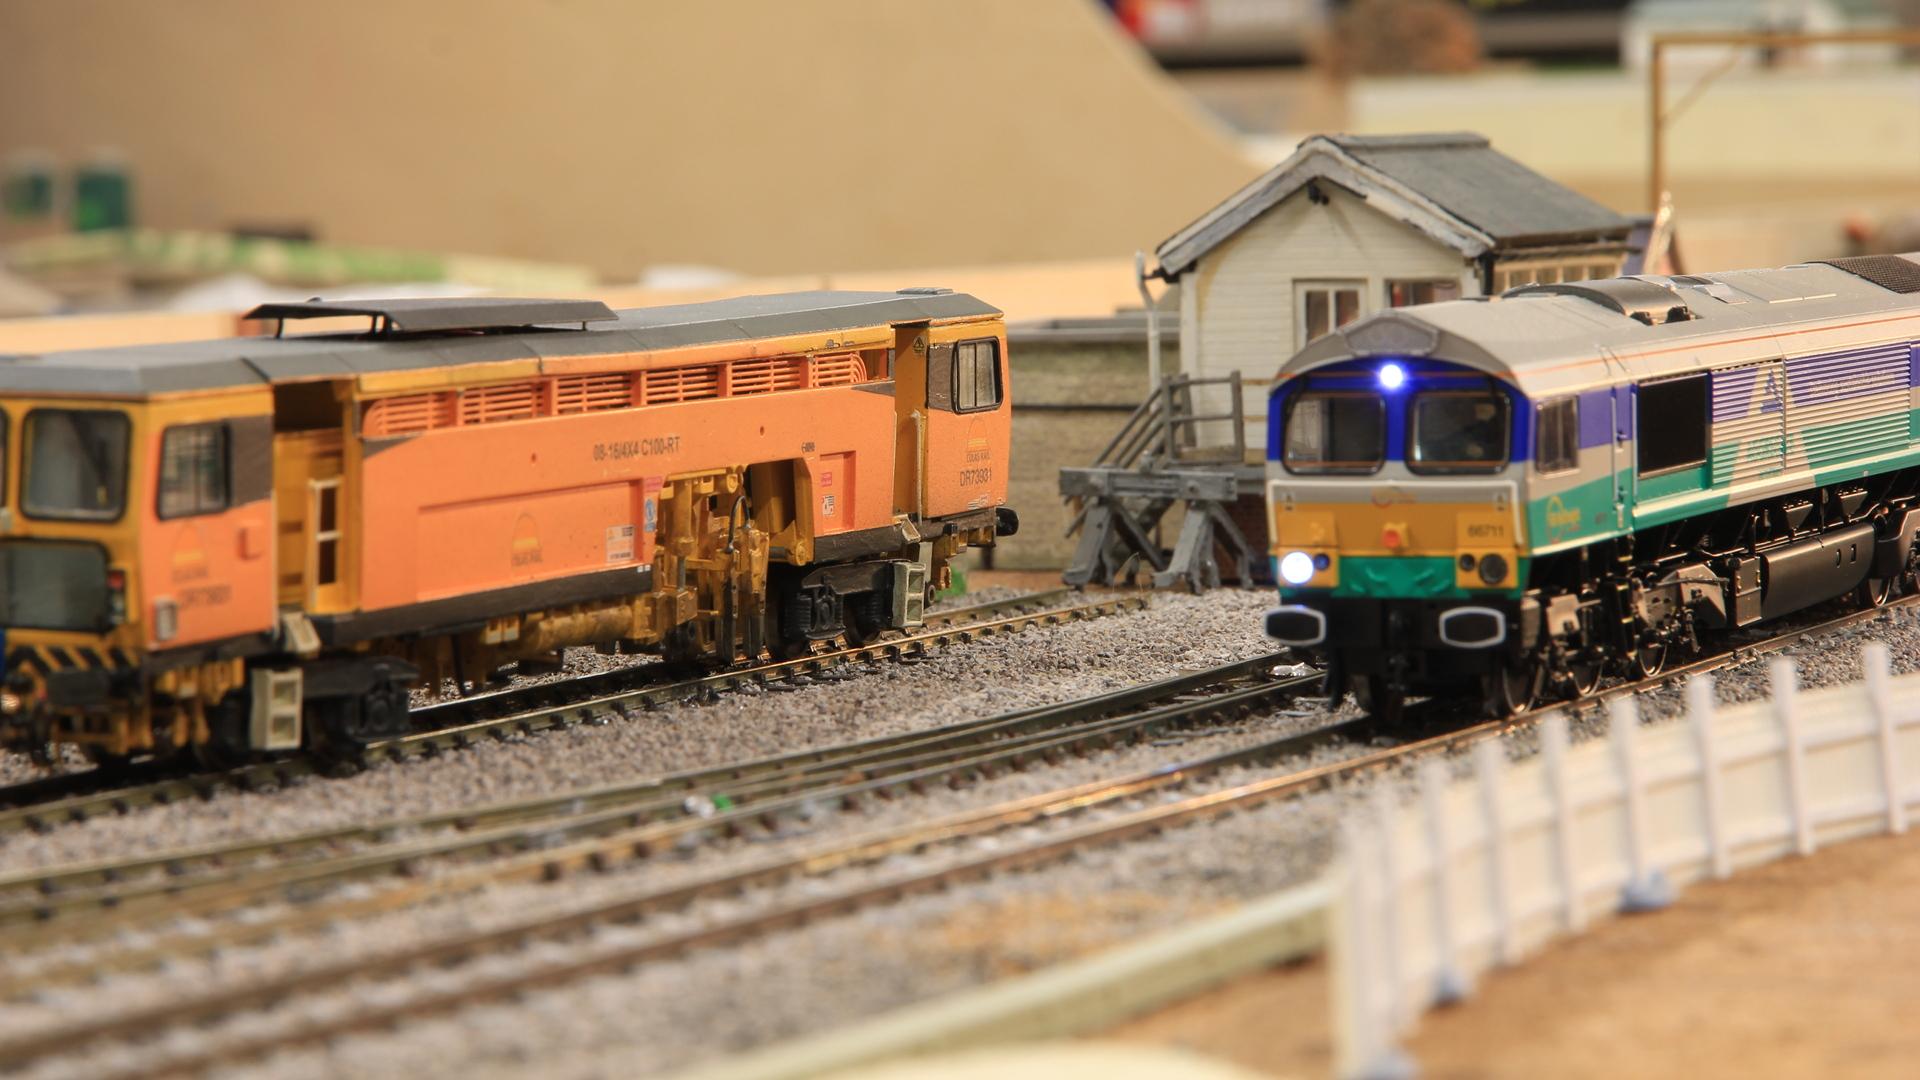 The Model Railway Club